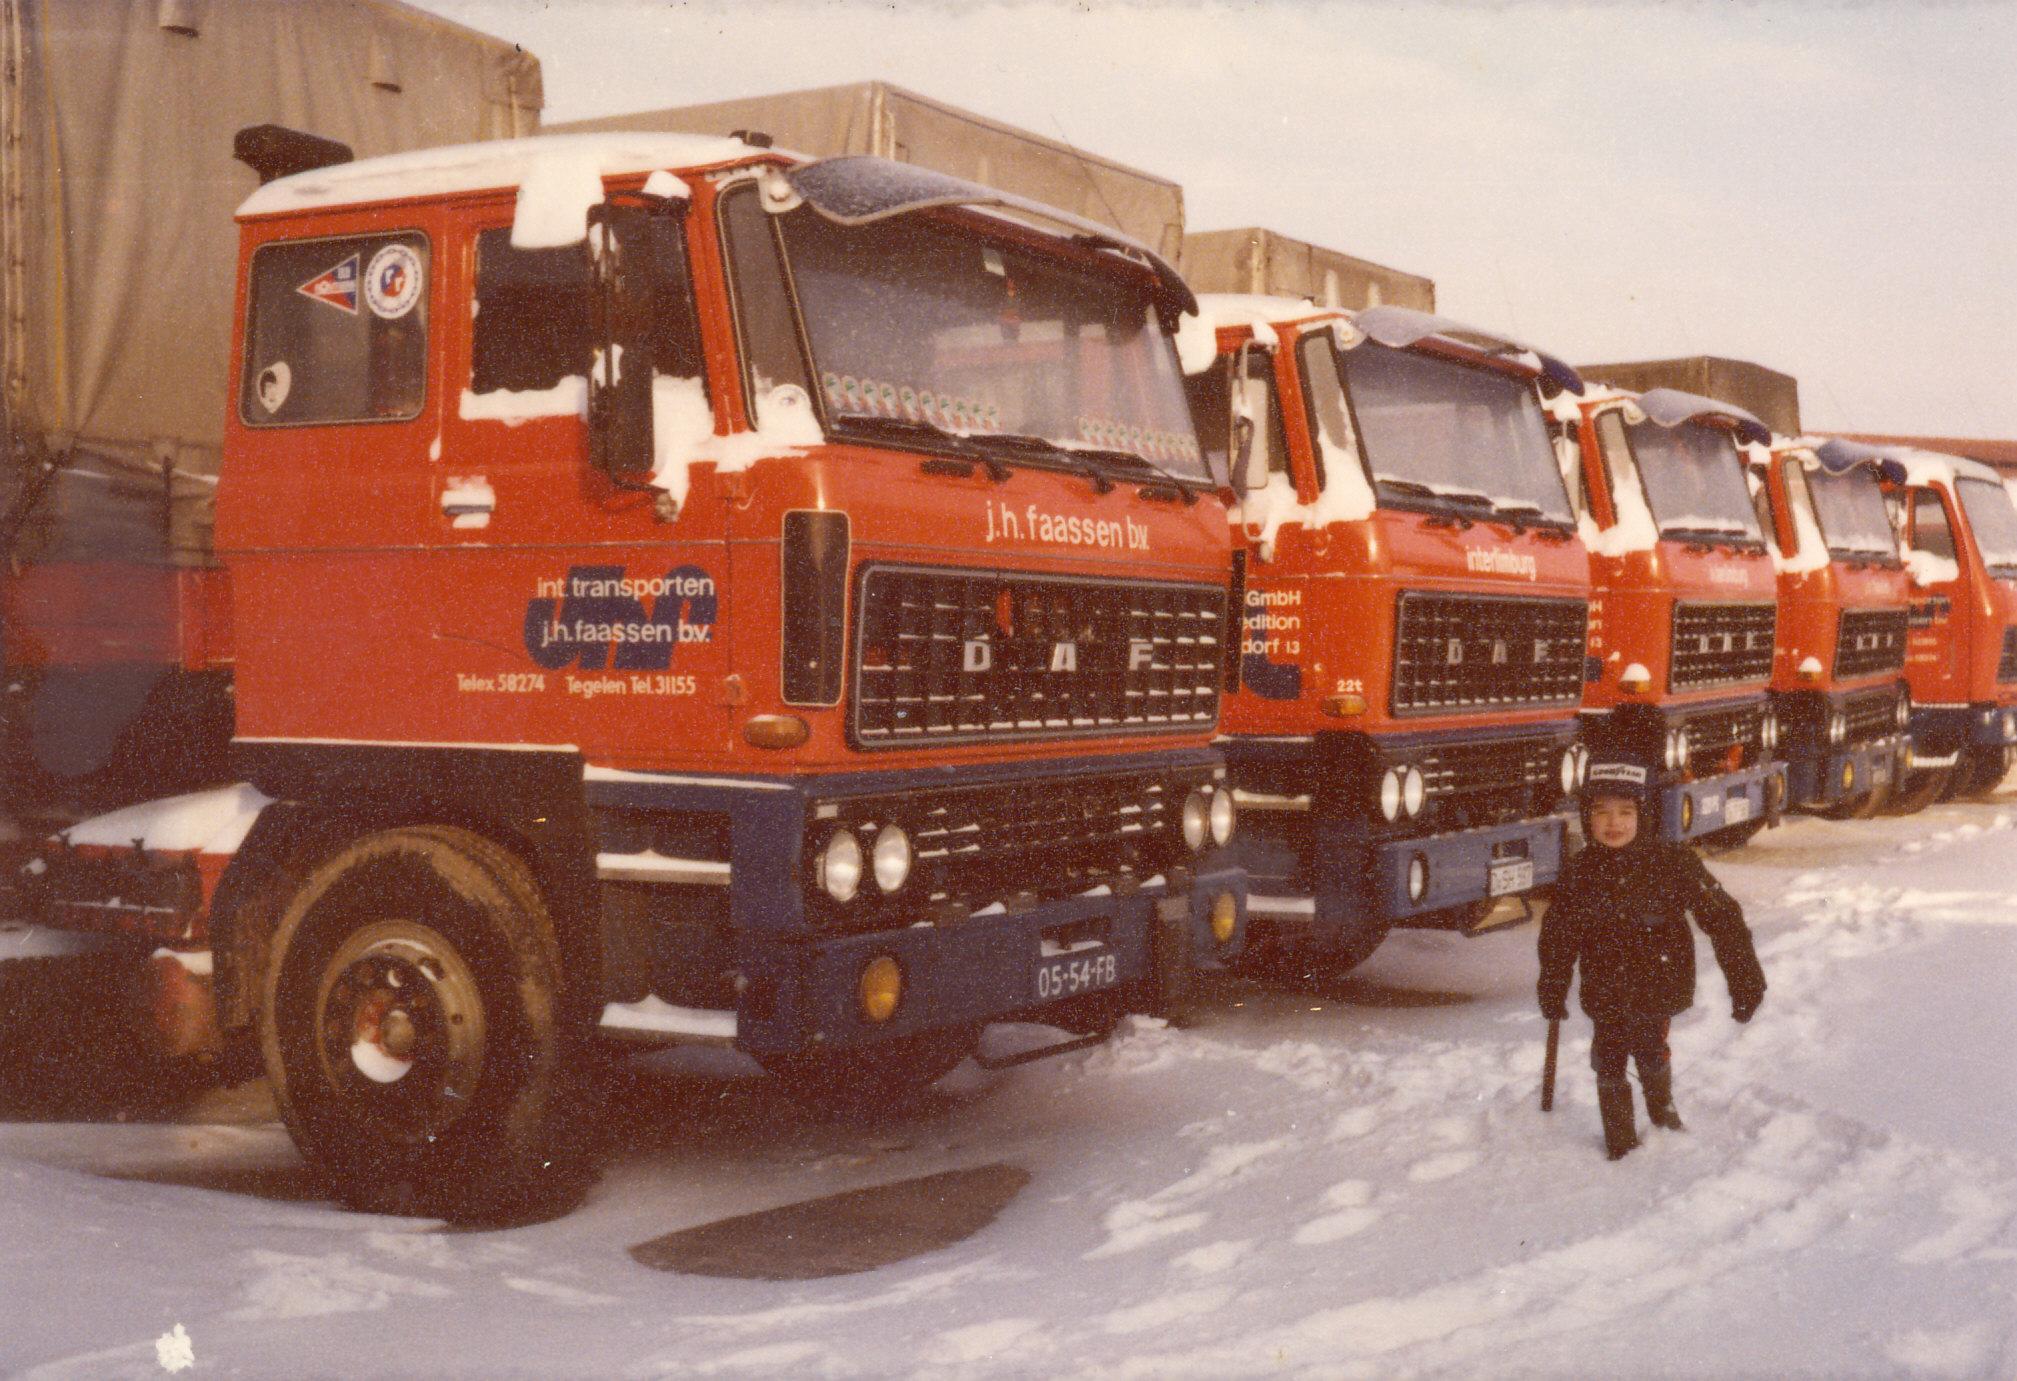 sjors-in-de-sneeuw--Math-Keijsers-archief